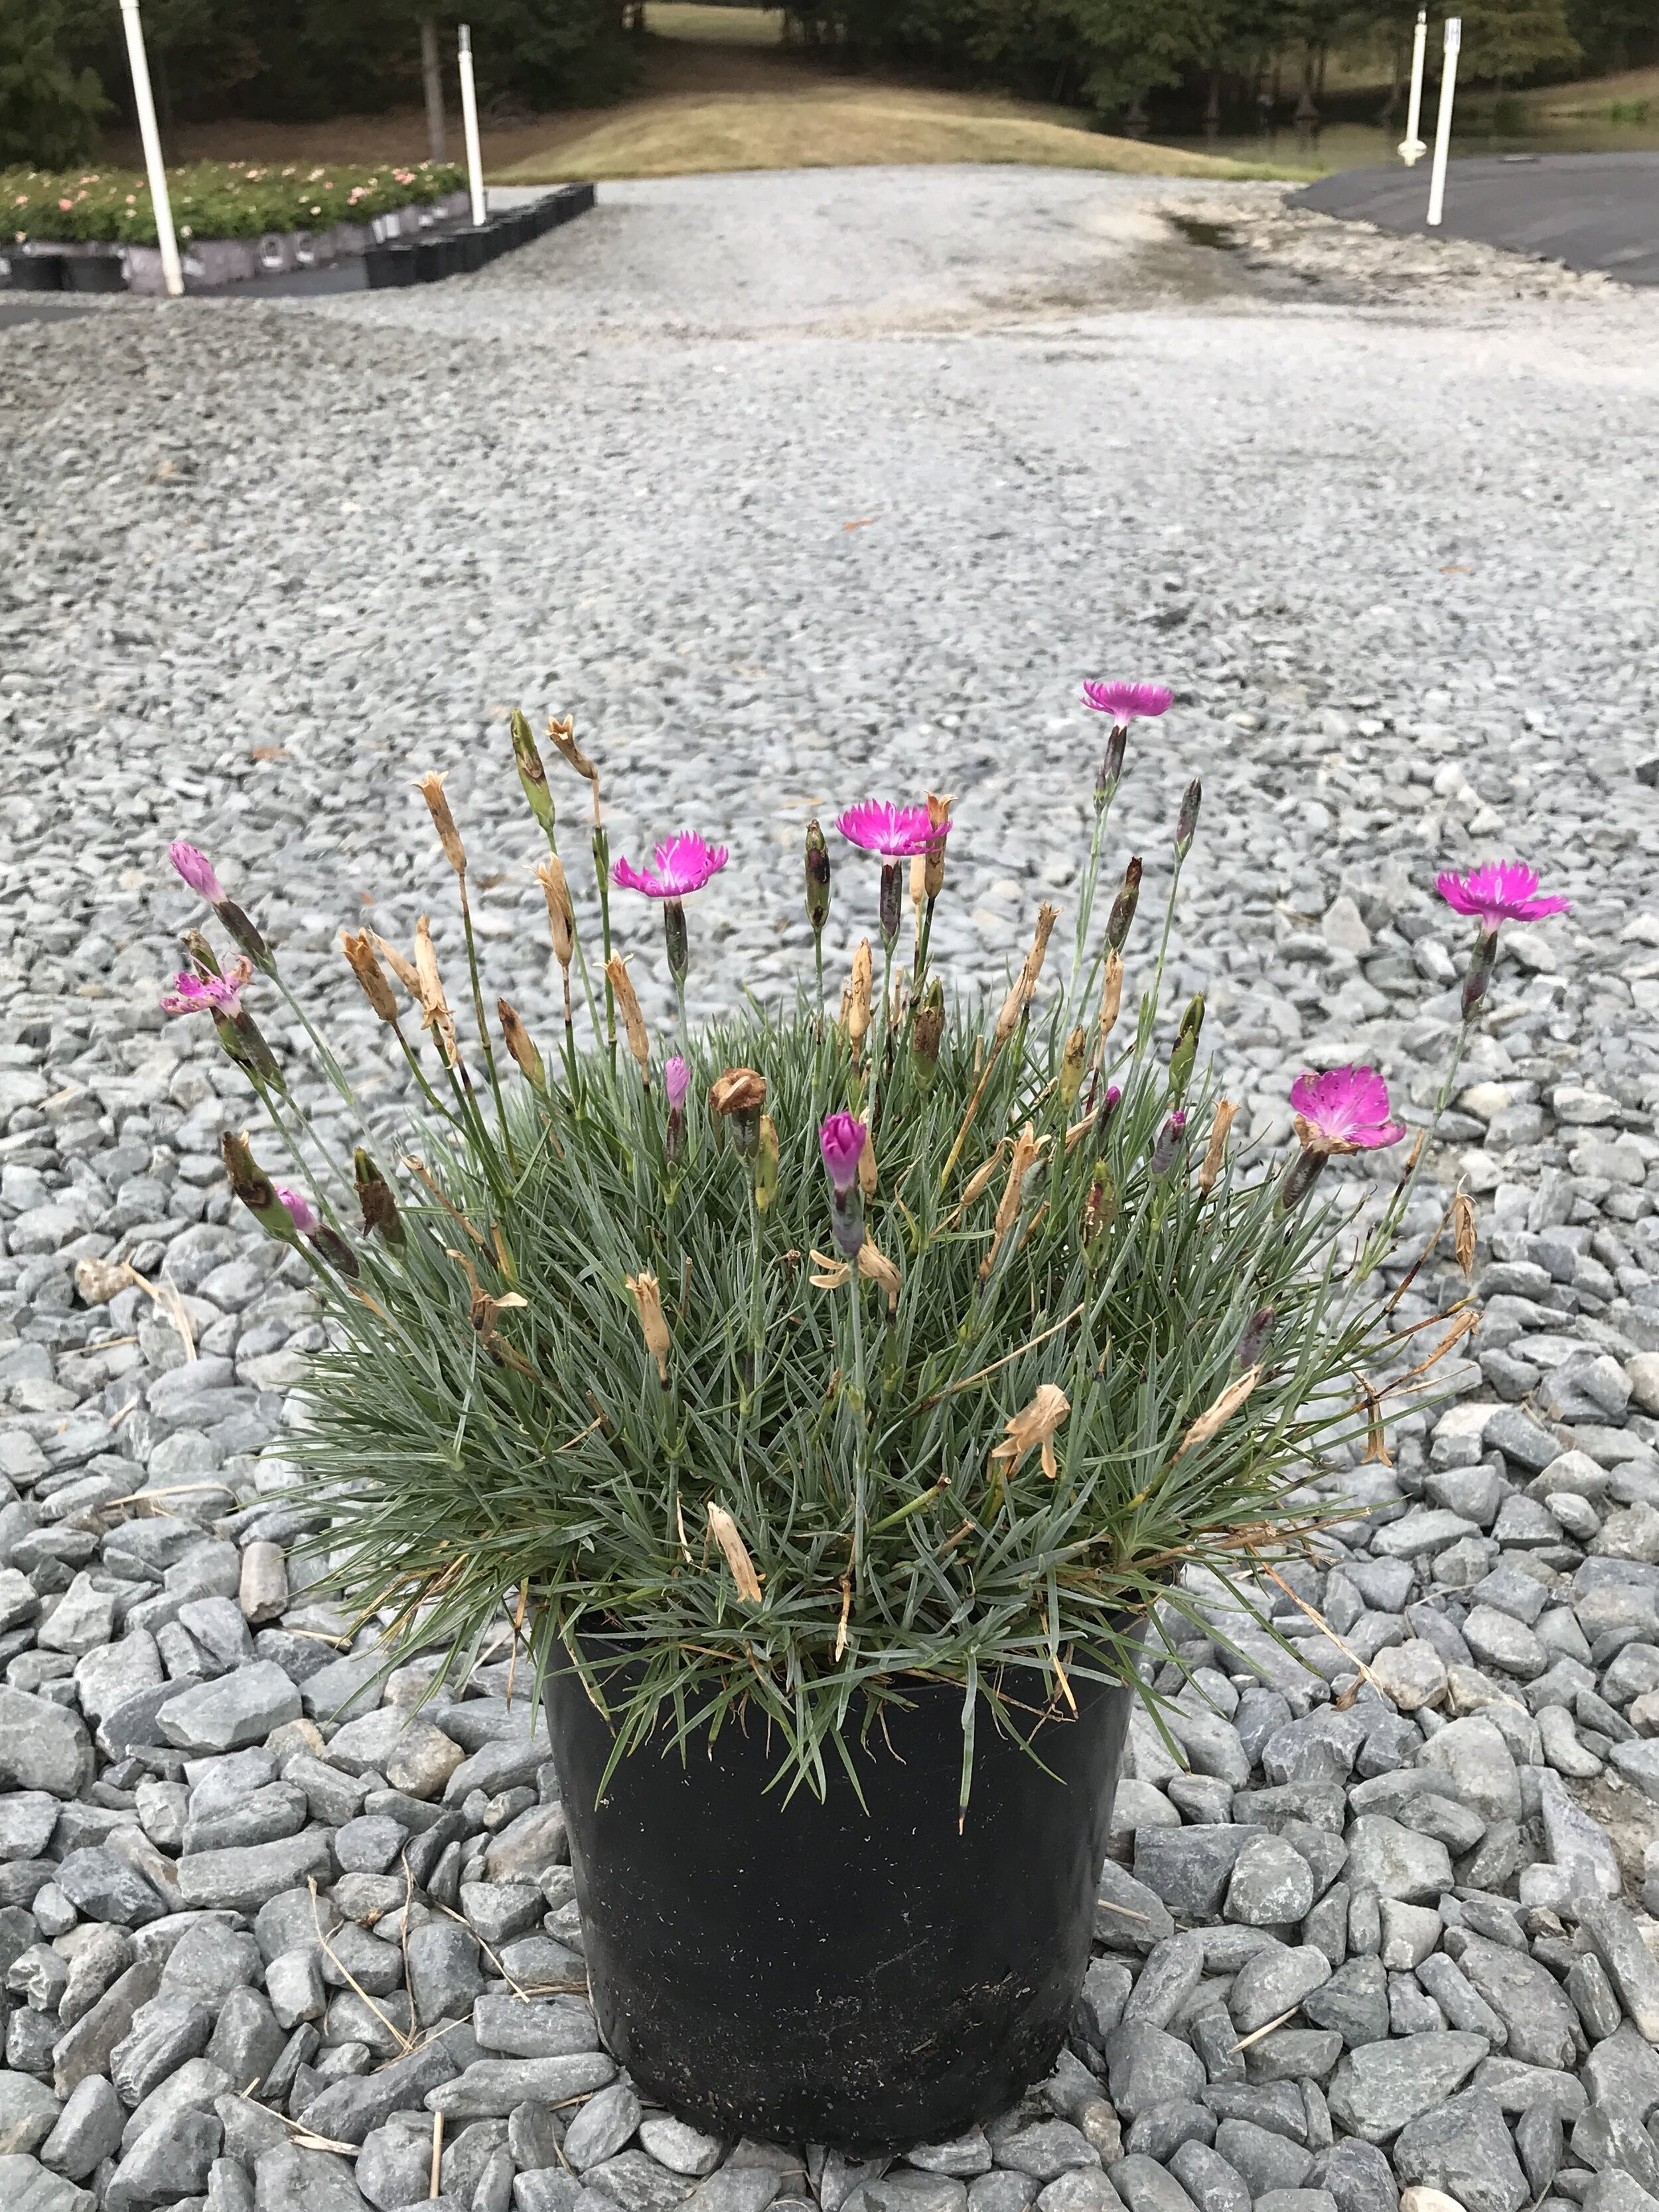 Dianthus gratianopolitanus 'Firewitch' 1 gallon